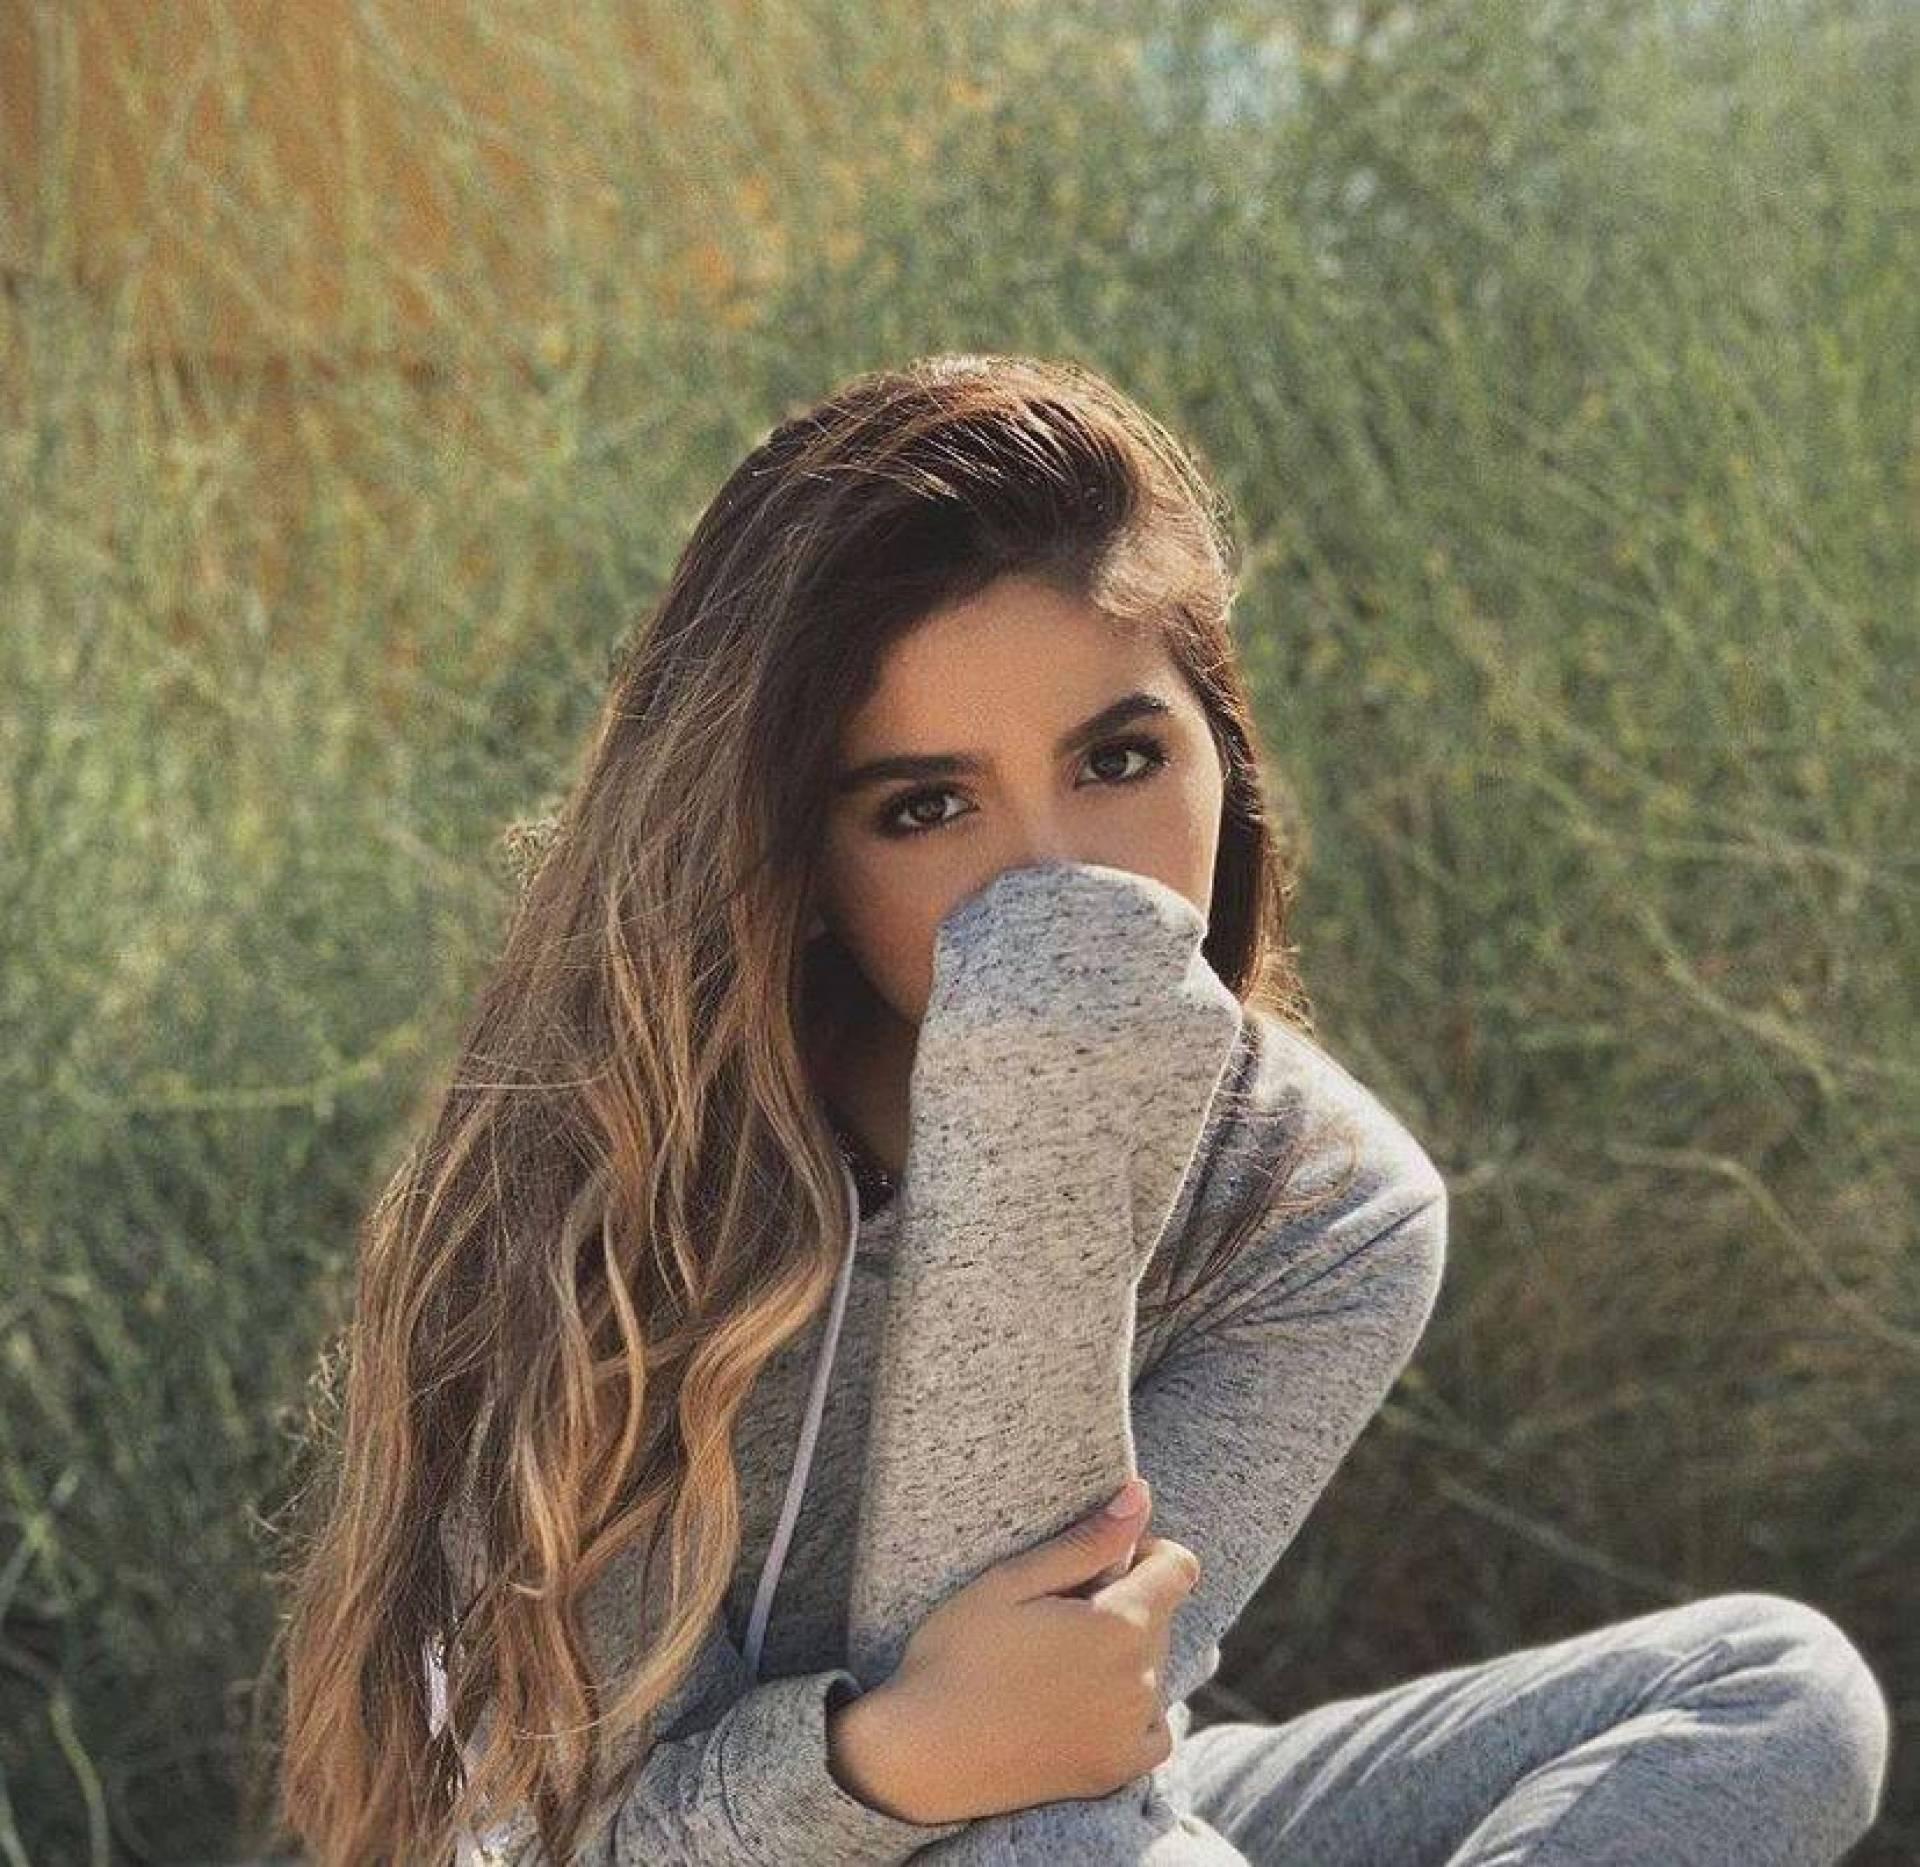 بالصورة – اجتماع مفاجئ لدنيا بطمة وحلا الترك... هل عادت الأخيرة إلى حضانة والدها؟